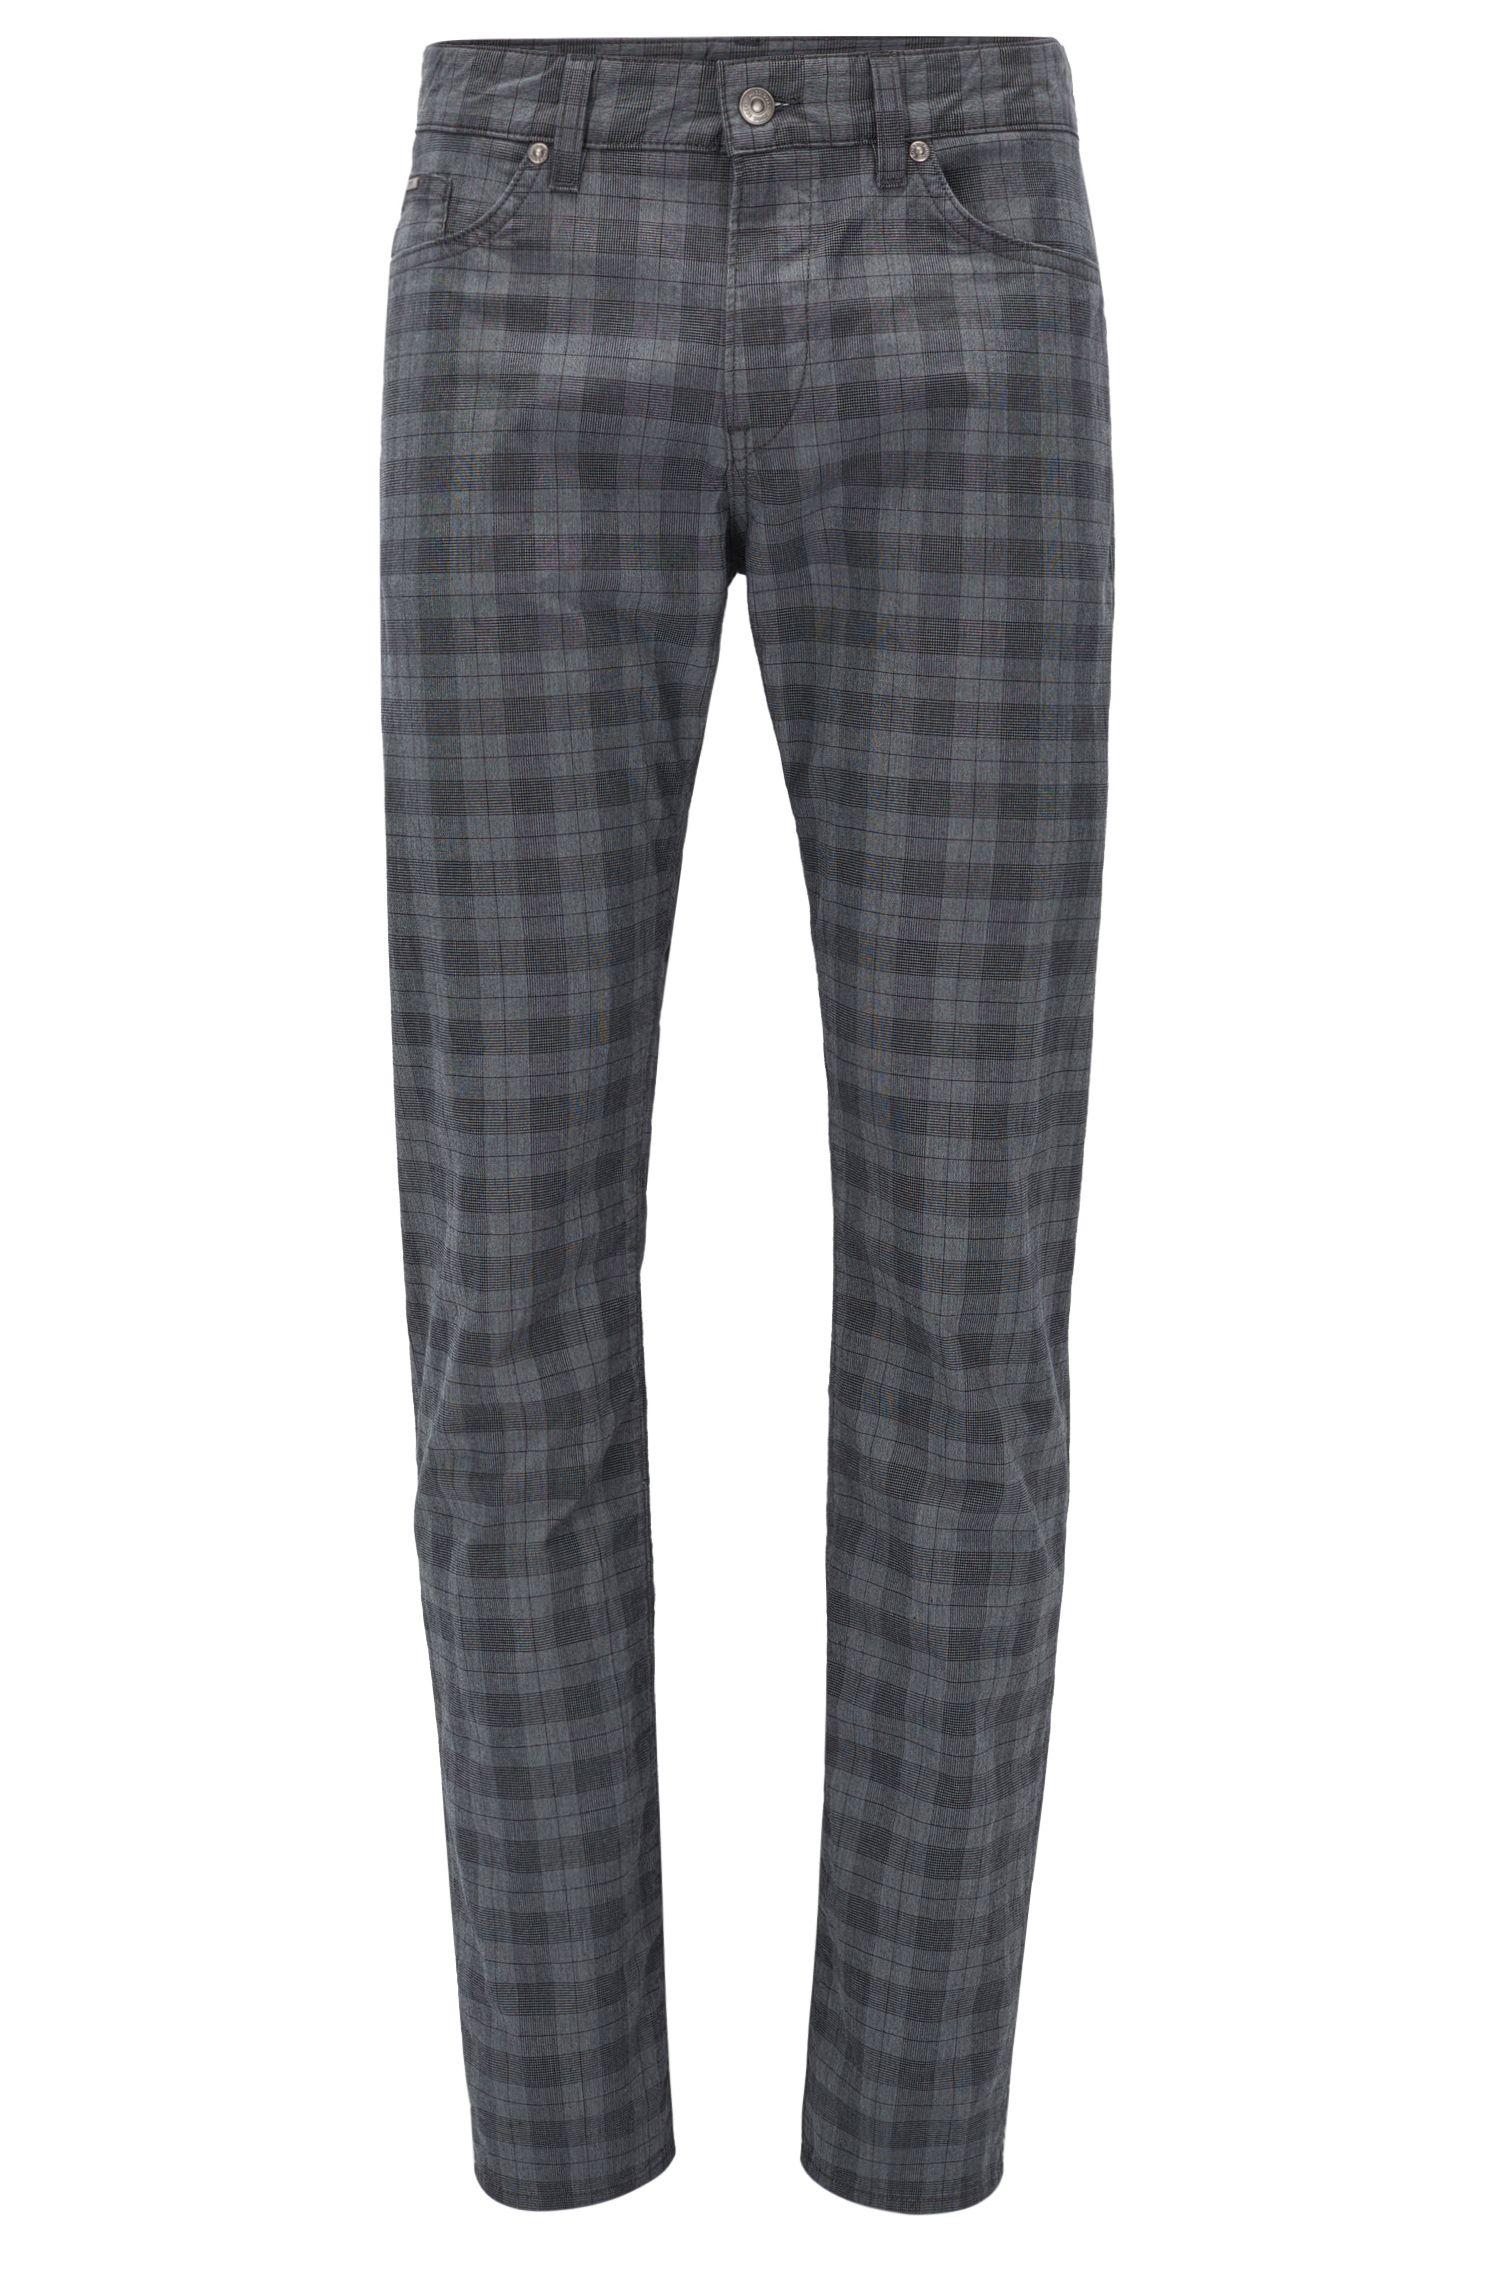 Plaid Stretch Cotton Pant, Slim Fit | Delaware